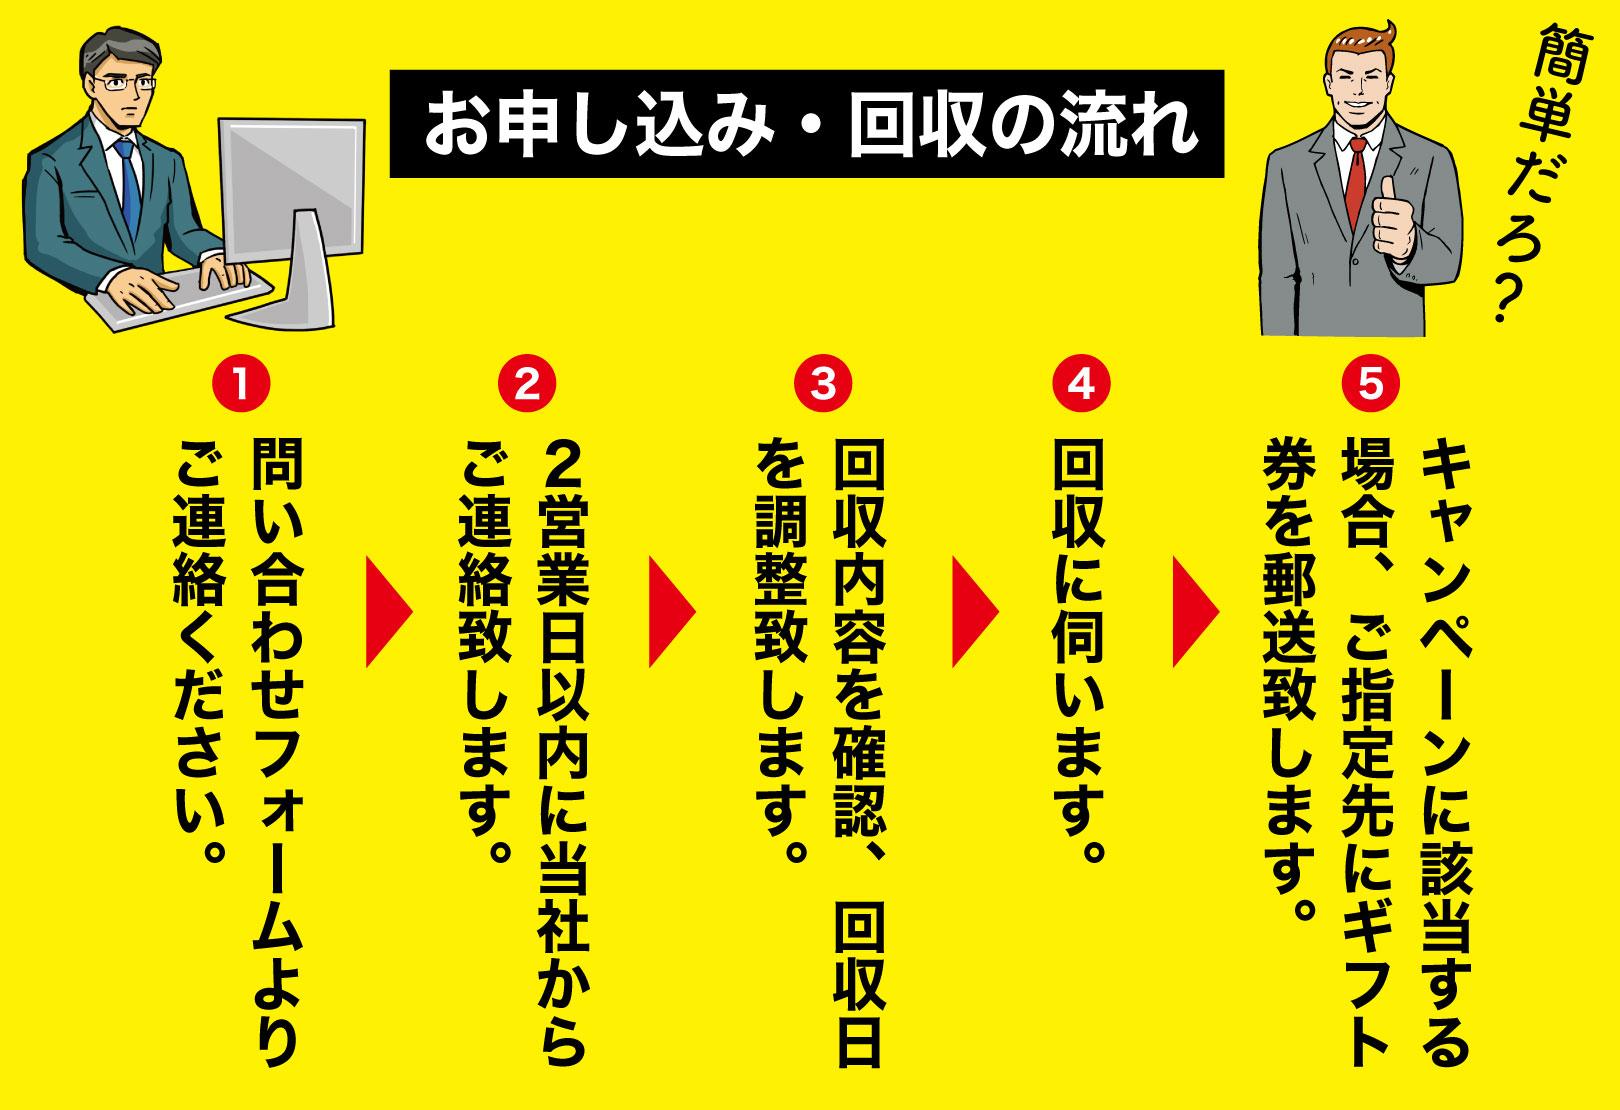 ITS・JAPAN法人向けキャンペーンの流れをご説明します。